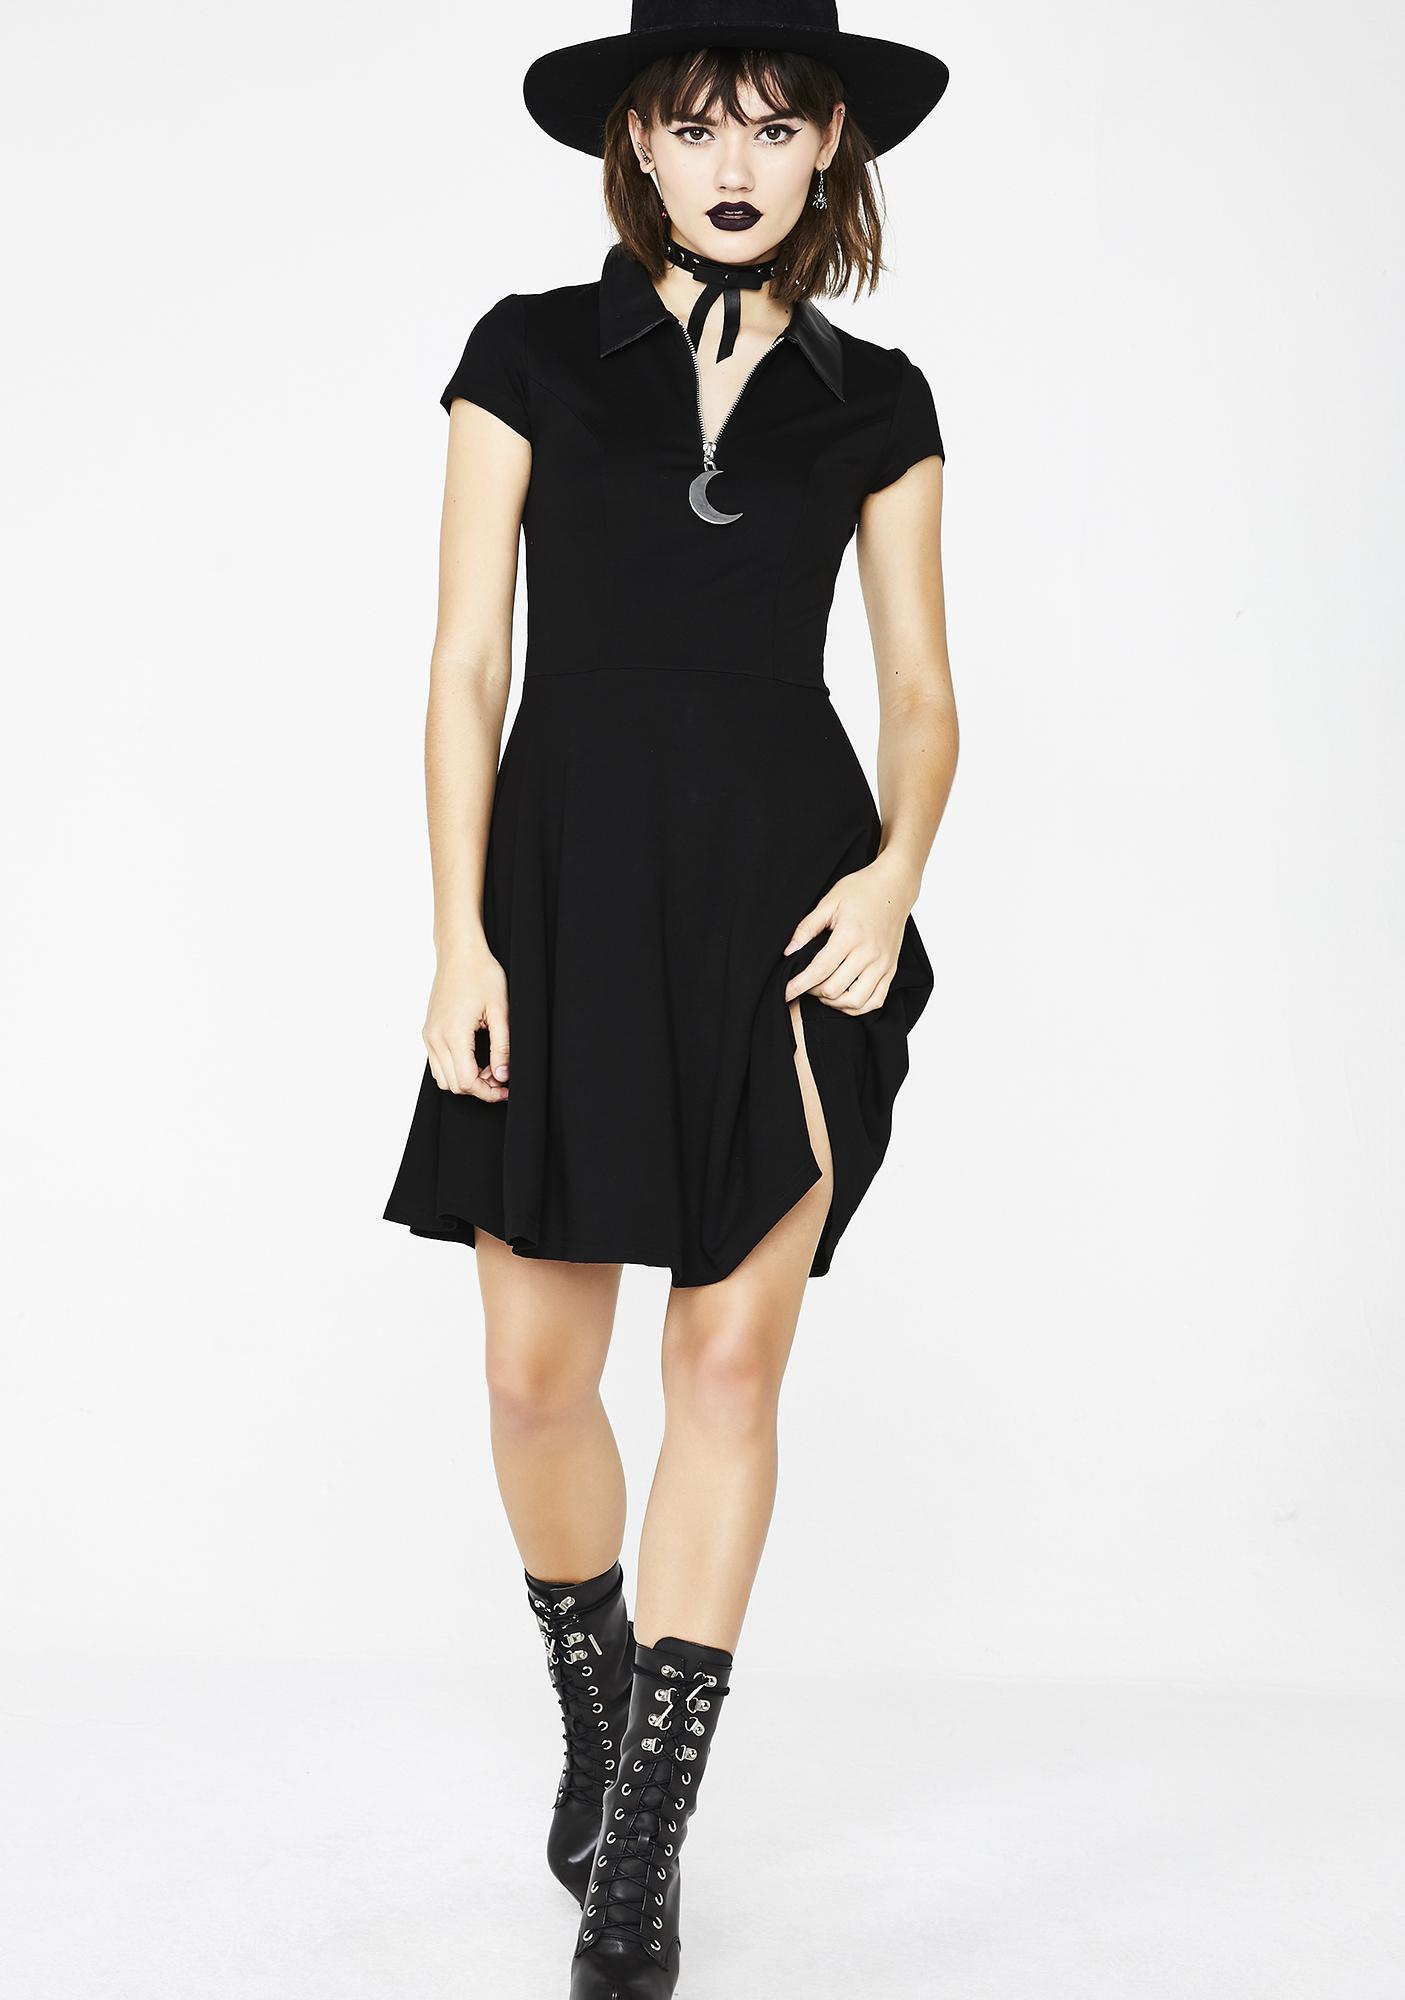 Killstar Coven Cutie Skater Dress